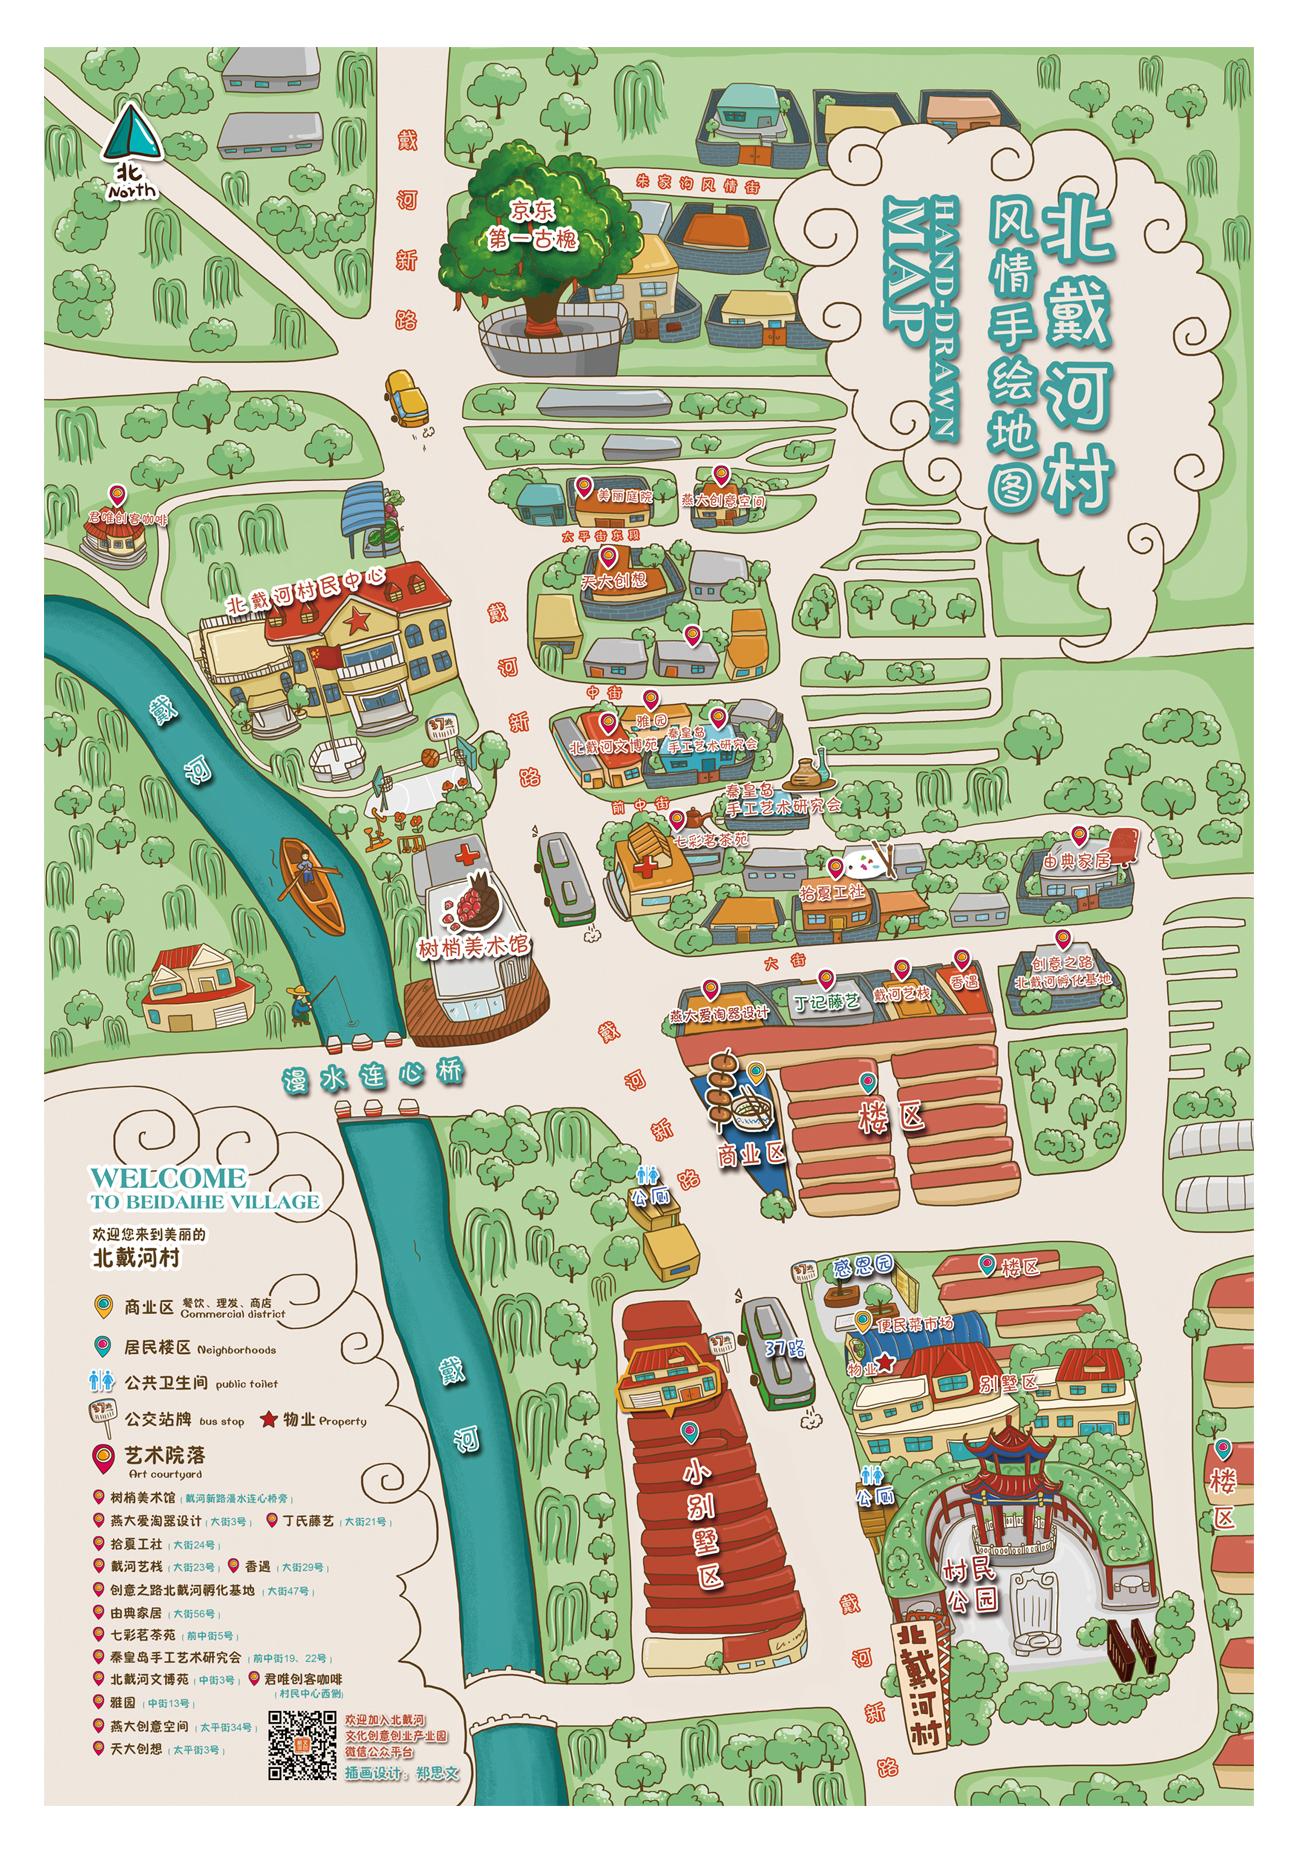 北戴河村手绘地图